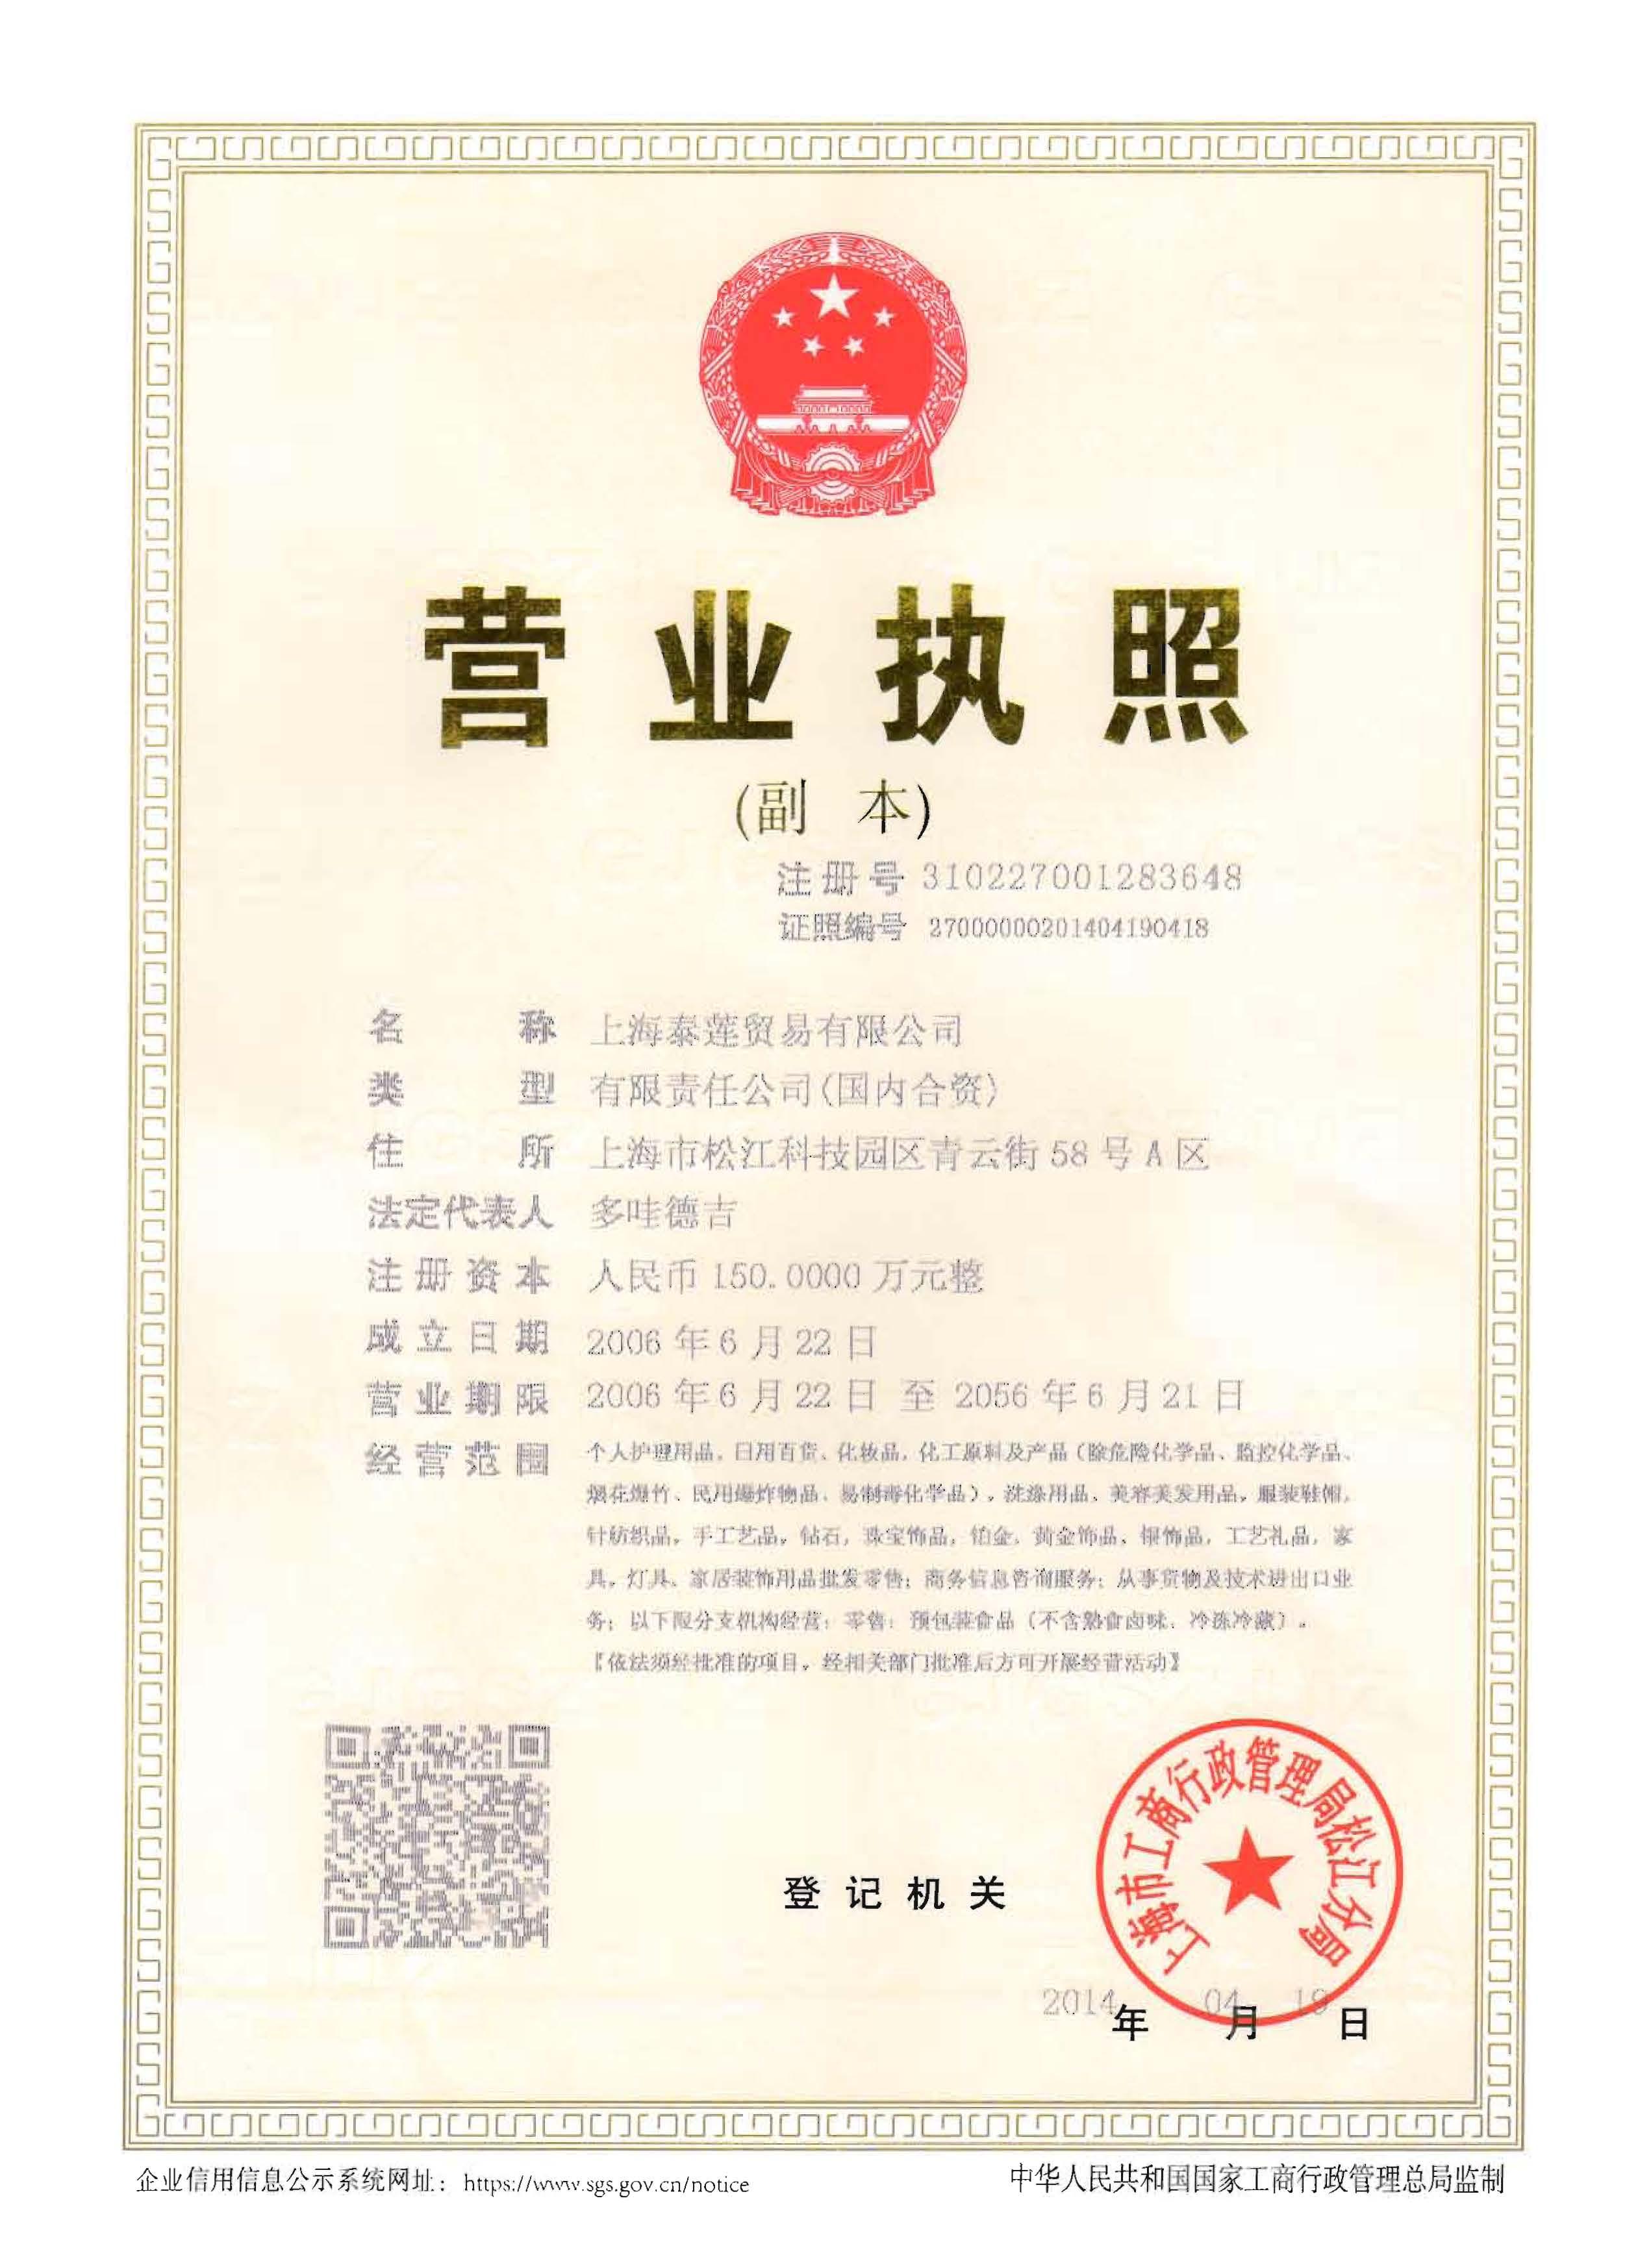 上海泰莲贸易有限公司